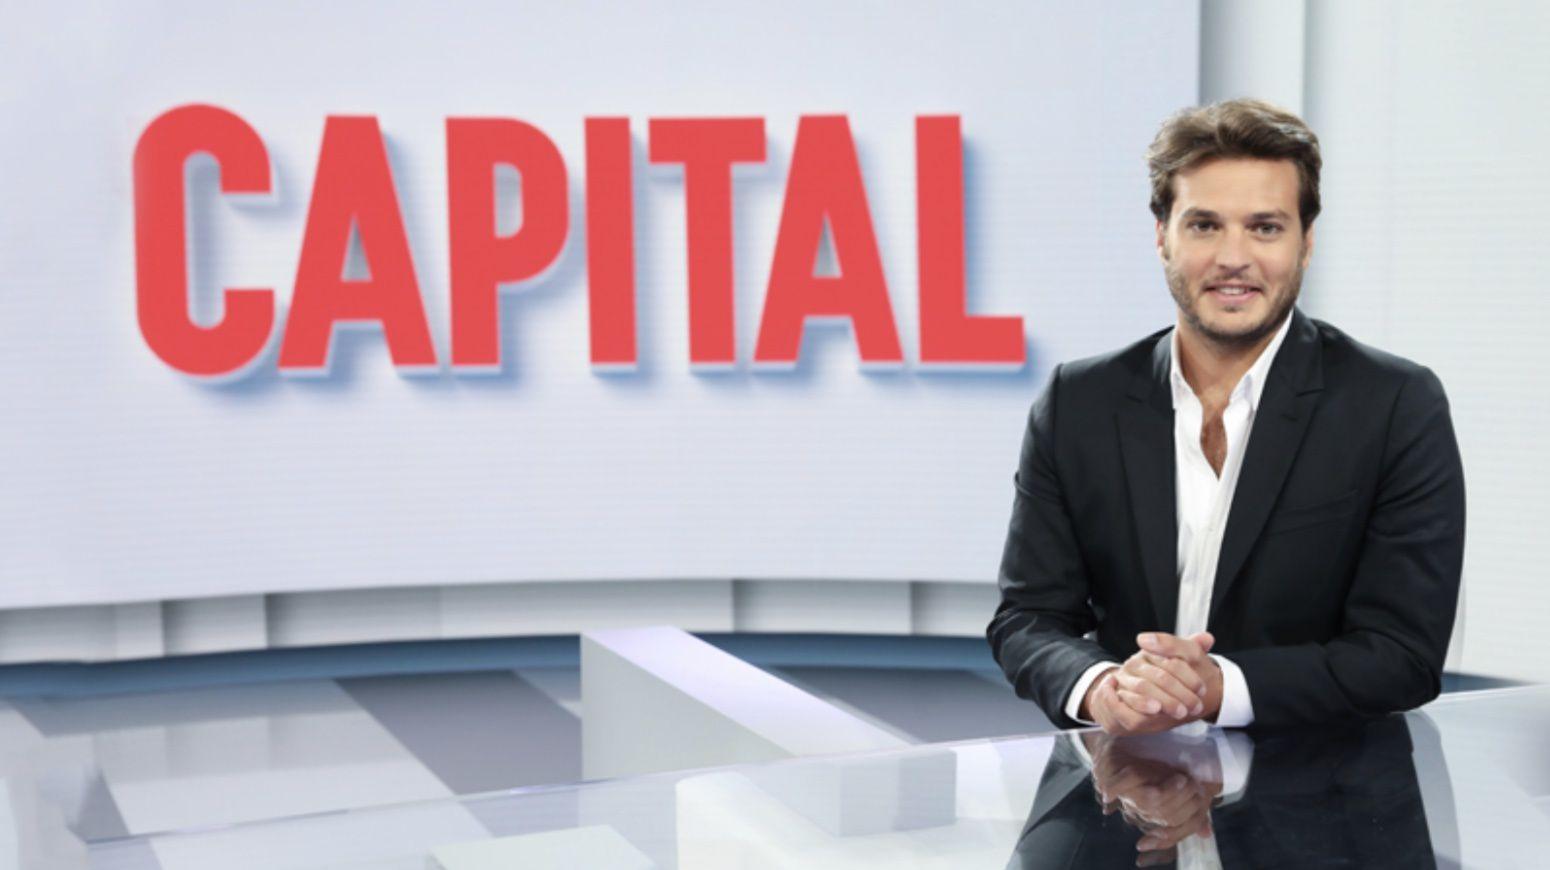 Bijoux en or à prix cassé : enquête dans Capital ce dimanche sur M6.